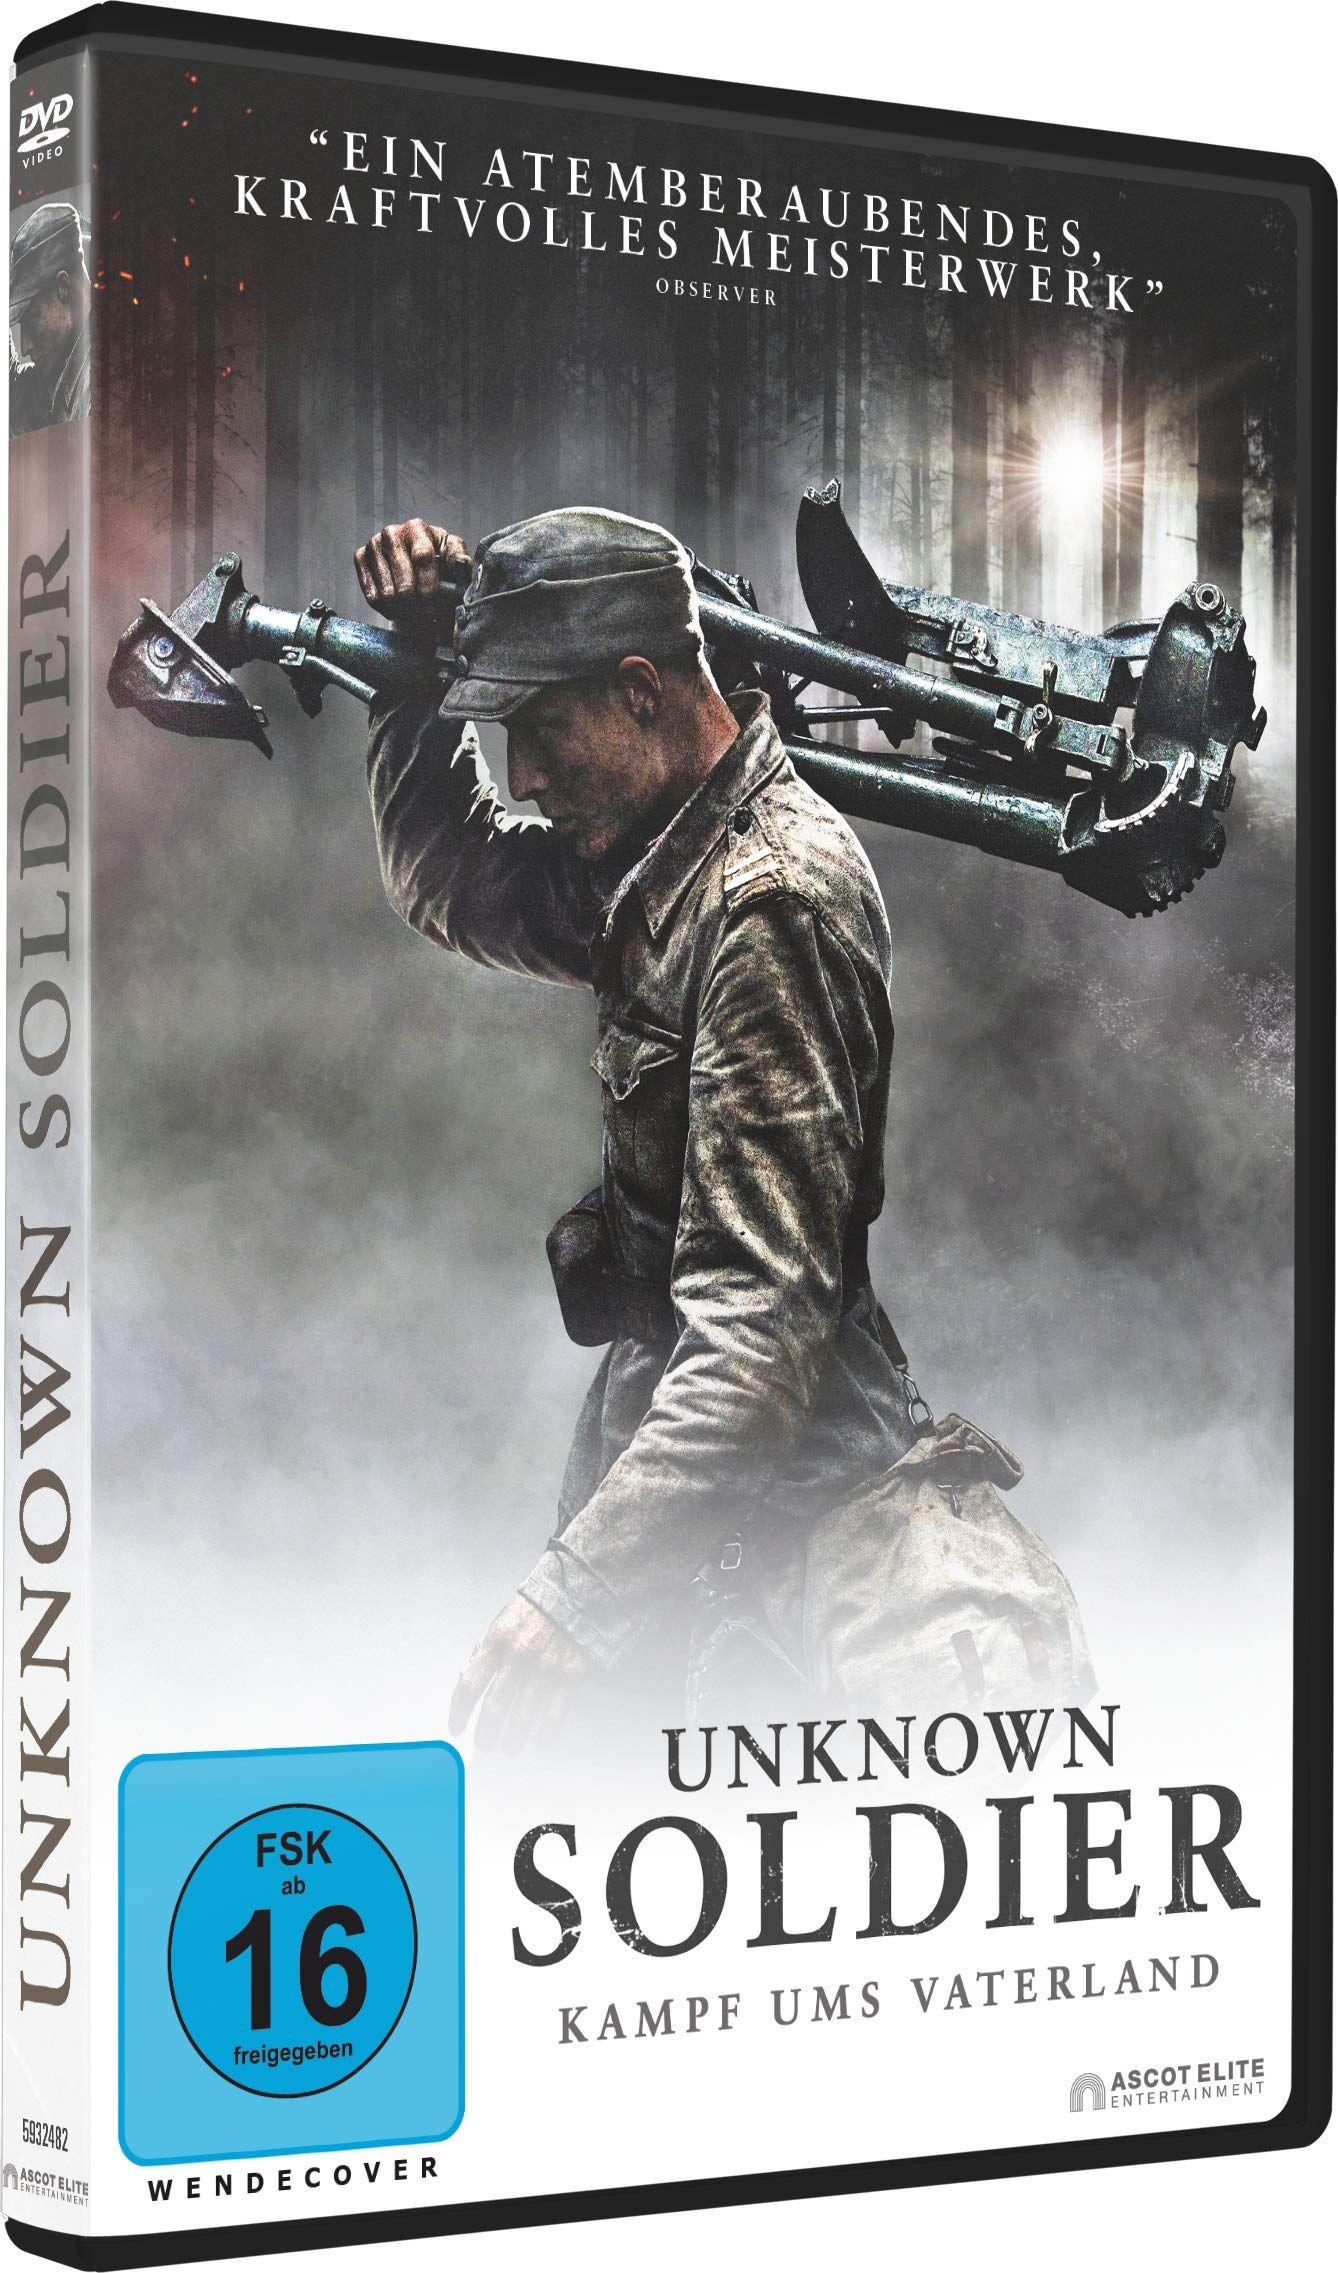 Unknown Soldier [Alemania] [DVD] Soldier, Unknown, DVD